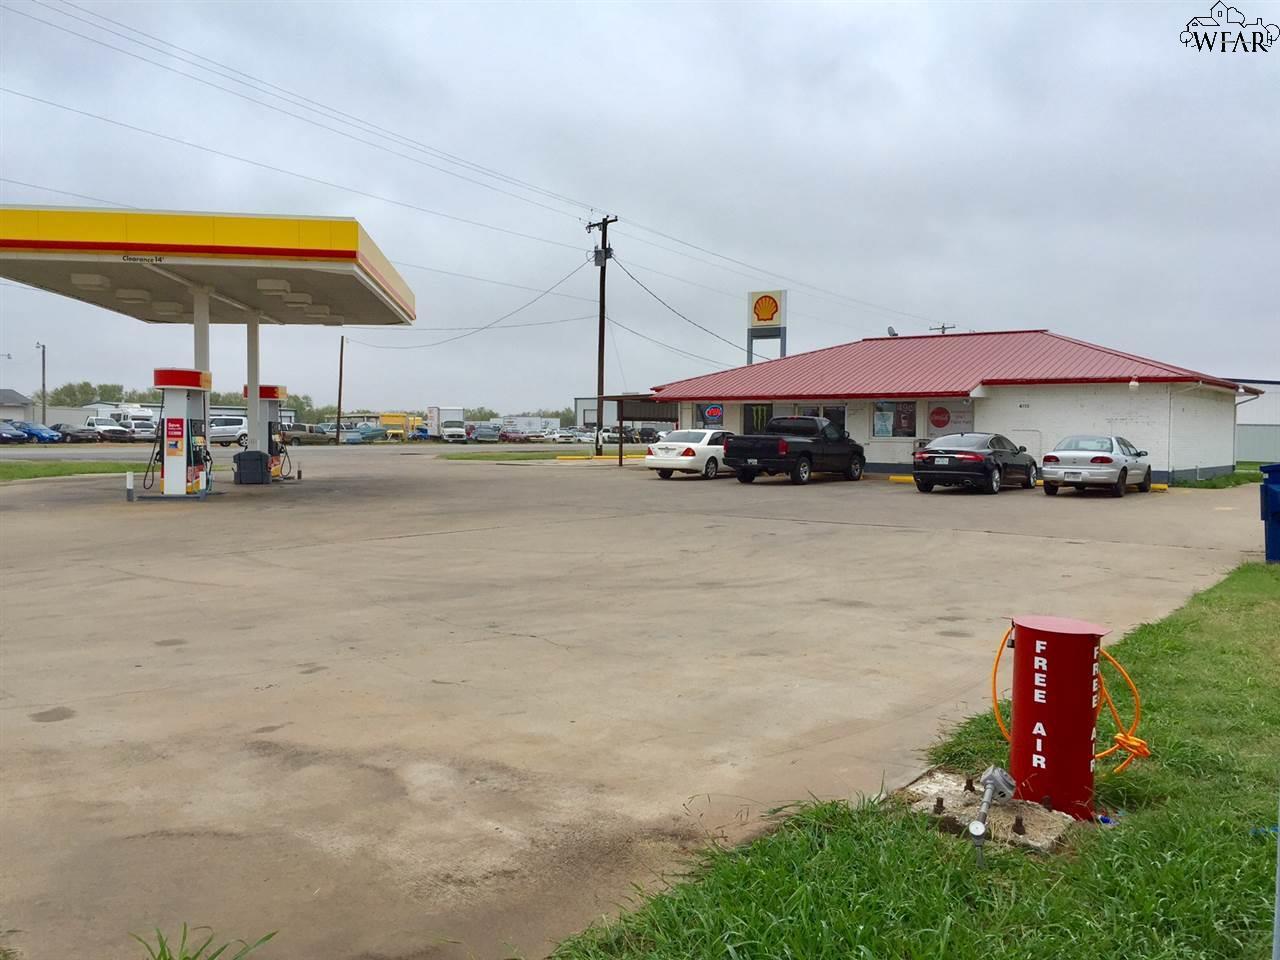 4110 BUS HWY 287 BUS 287 J, Iowa Park, TX 76367